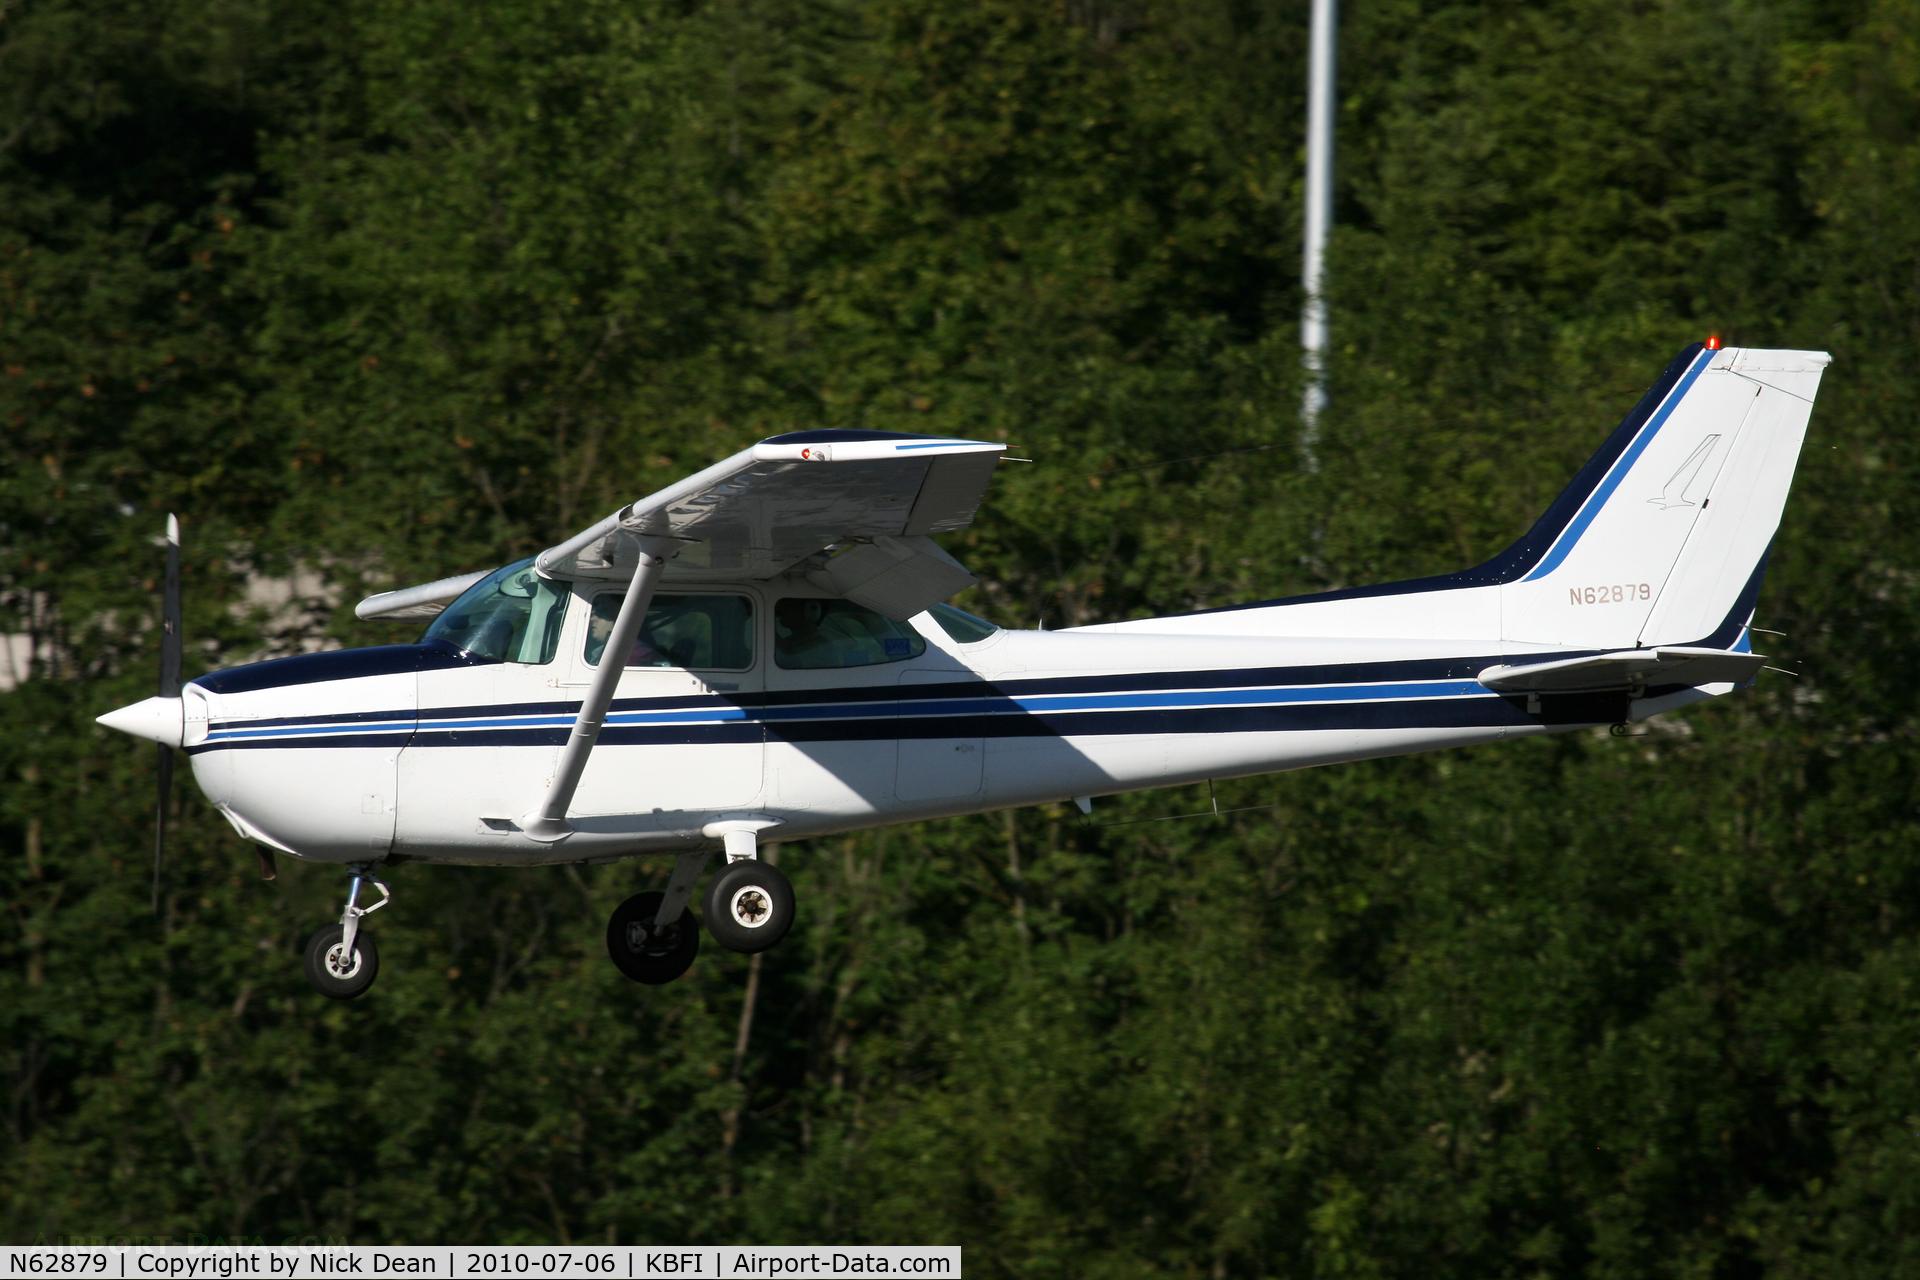 N62879, 1981 Cessna 172P Skyhawk C/N 17275349, KBFI